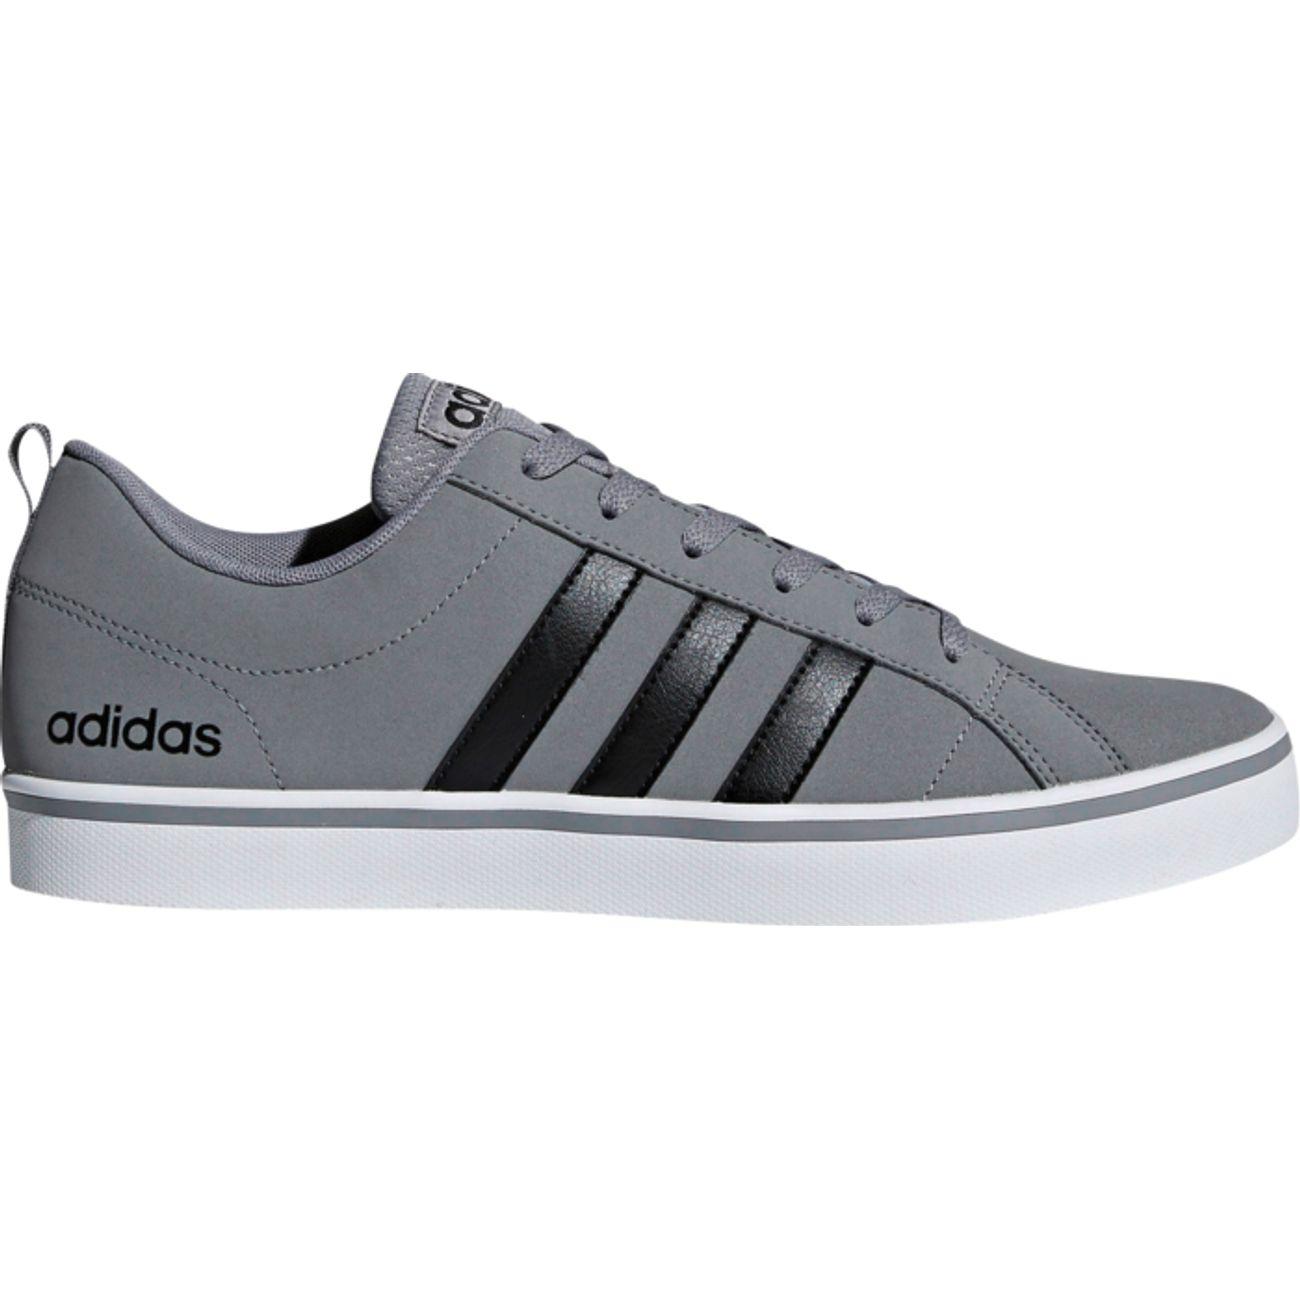 Chaussures basses Adidas VS Pace pour Homme - Gris, Diverses tailles